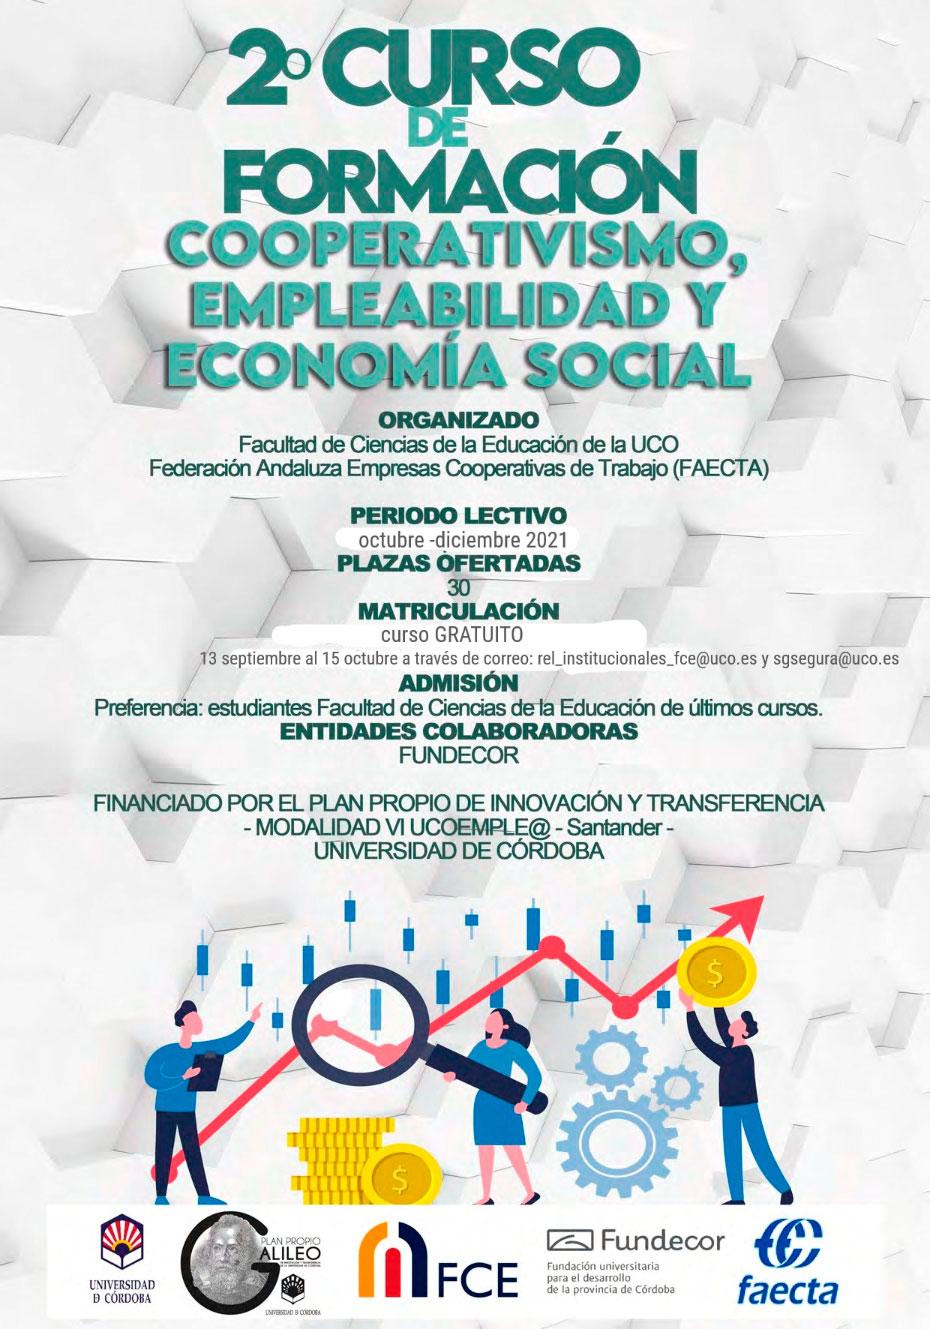 Formación gratuita en Cooperativismo, Empleabilidad y Economía Social